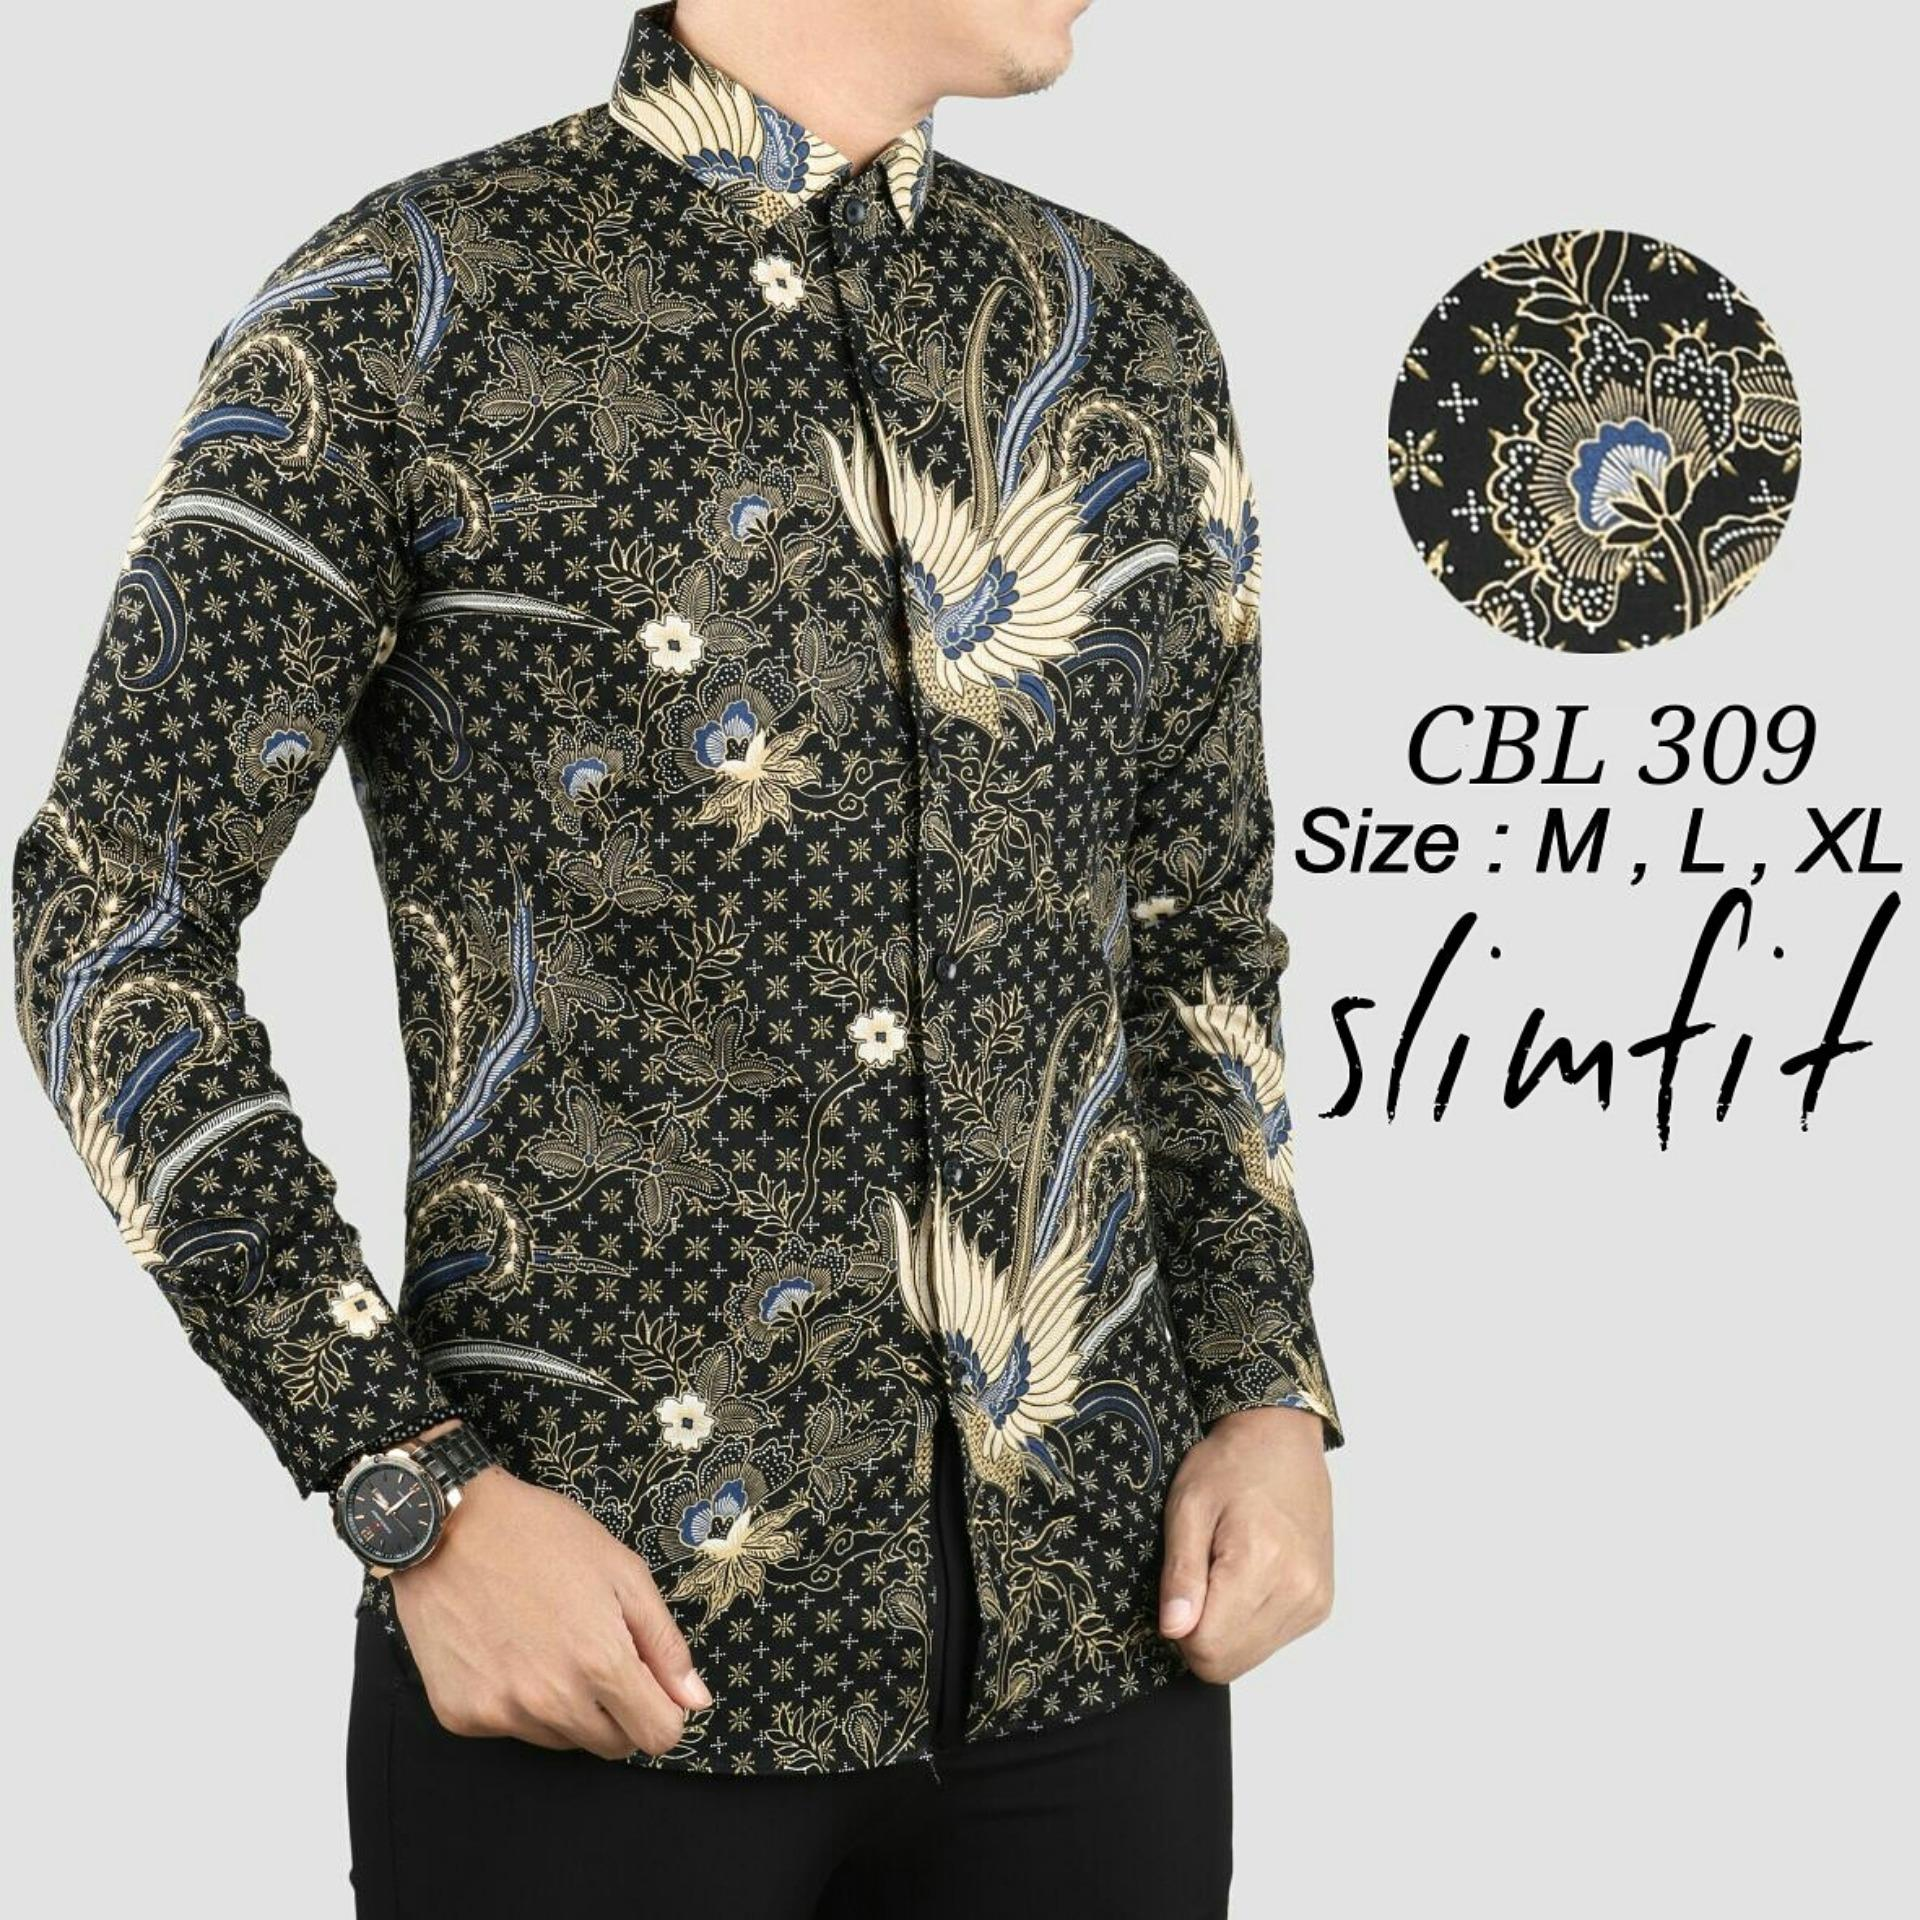 Batik Nandhut Kemeja 1234 Daftar Harga Terbaru Terlengkap Hem Baju Koko Ariyan 1 Pria Slim Fit Modern Mewah